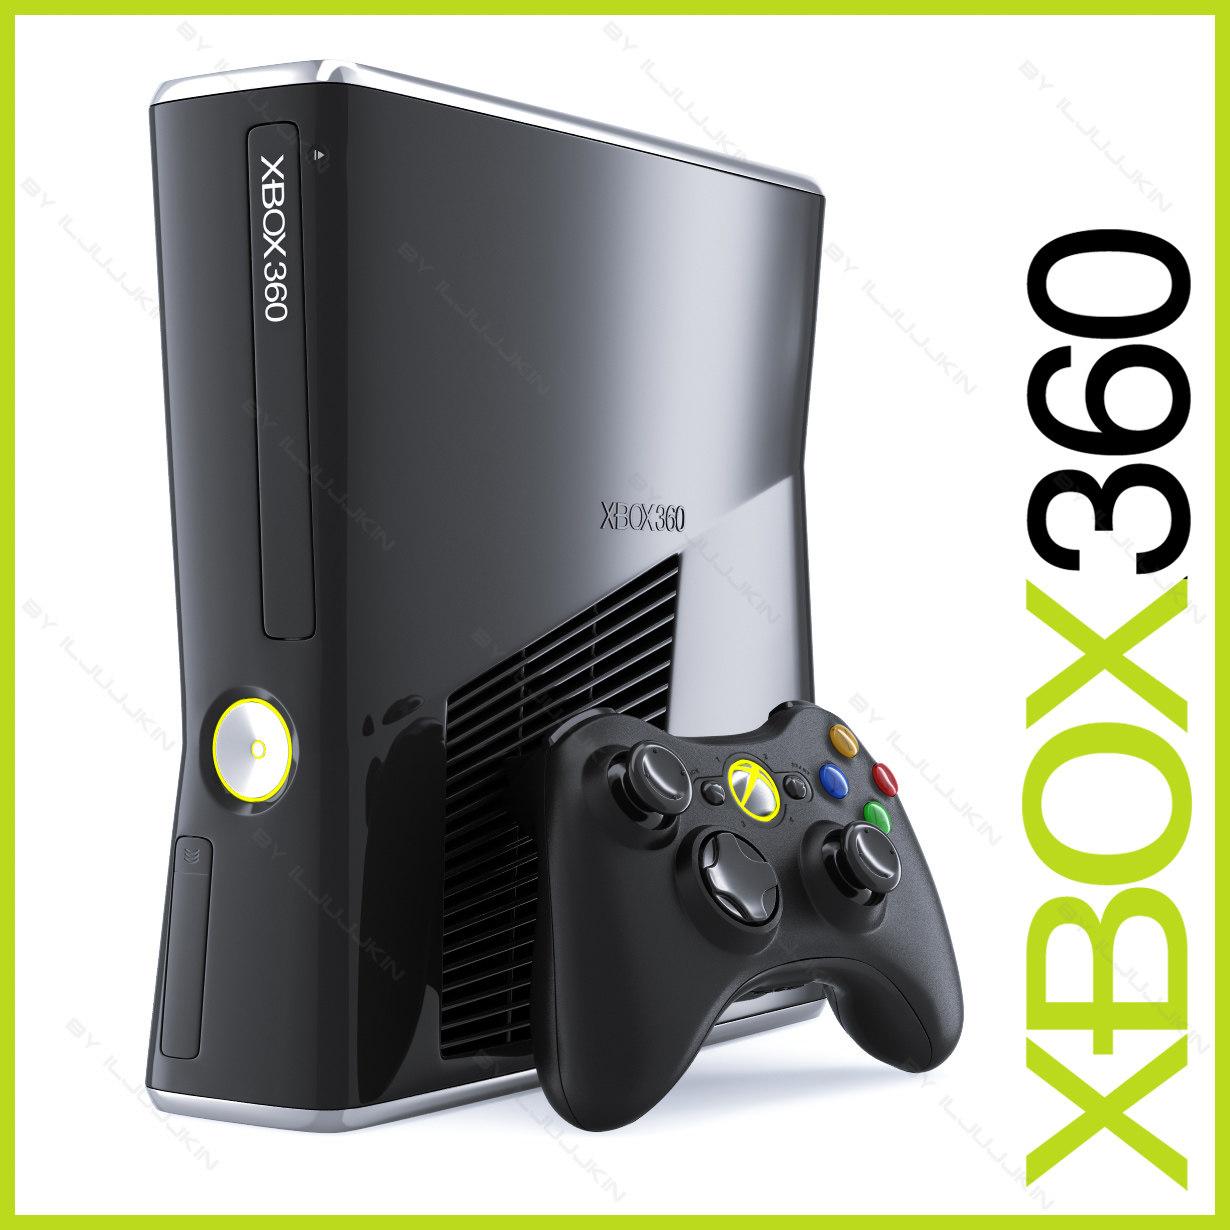 X-box_360_set_logo.jpg